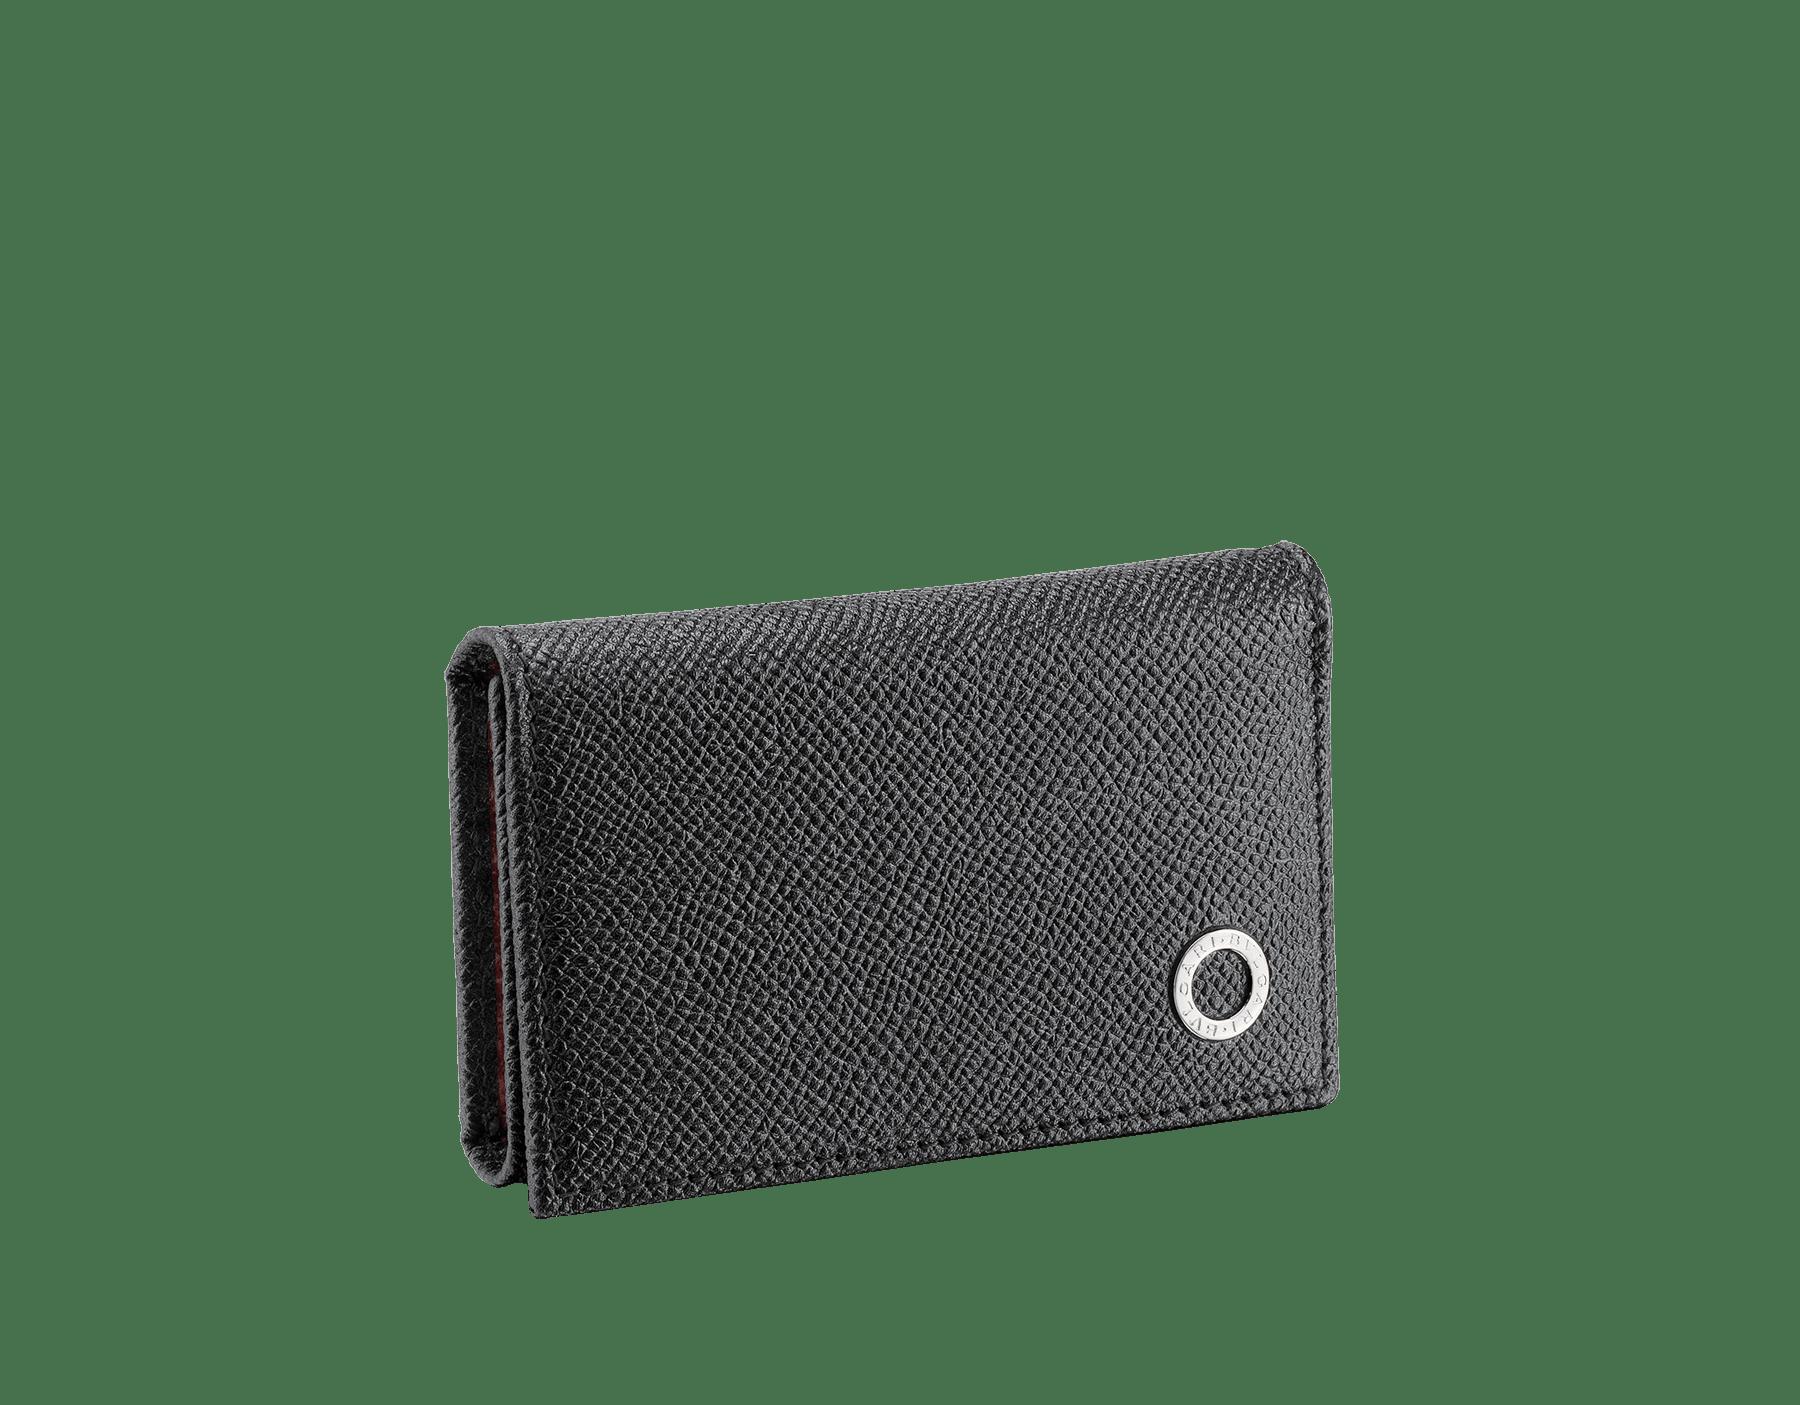 這款小鑰匙包採用黑色和寶石紅珠面小牛皮,飾以 BVLGARI BVLGARI 鍍鈀黃銅元素。 288305 image 1